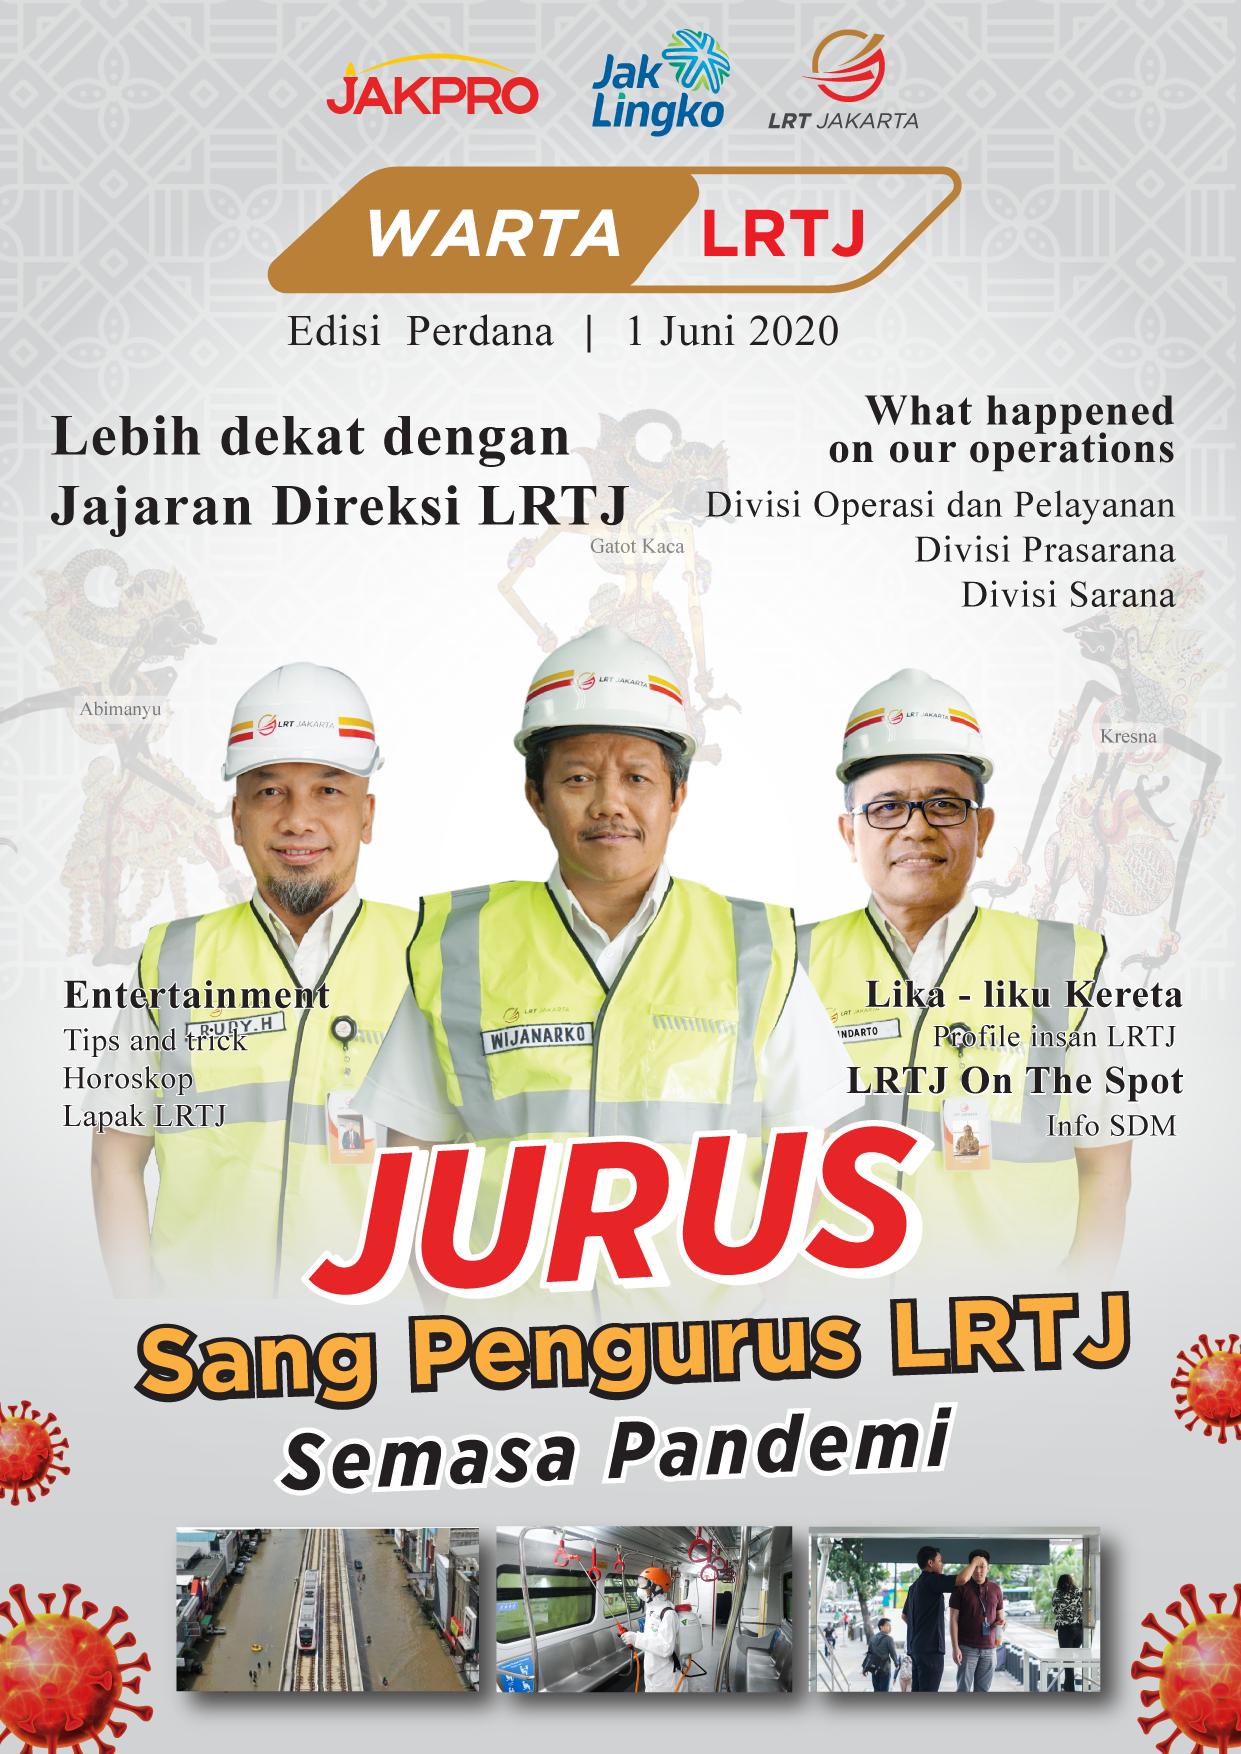 The New Online Media of LRT Jakarta, Warta LRTJ